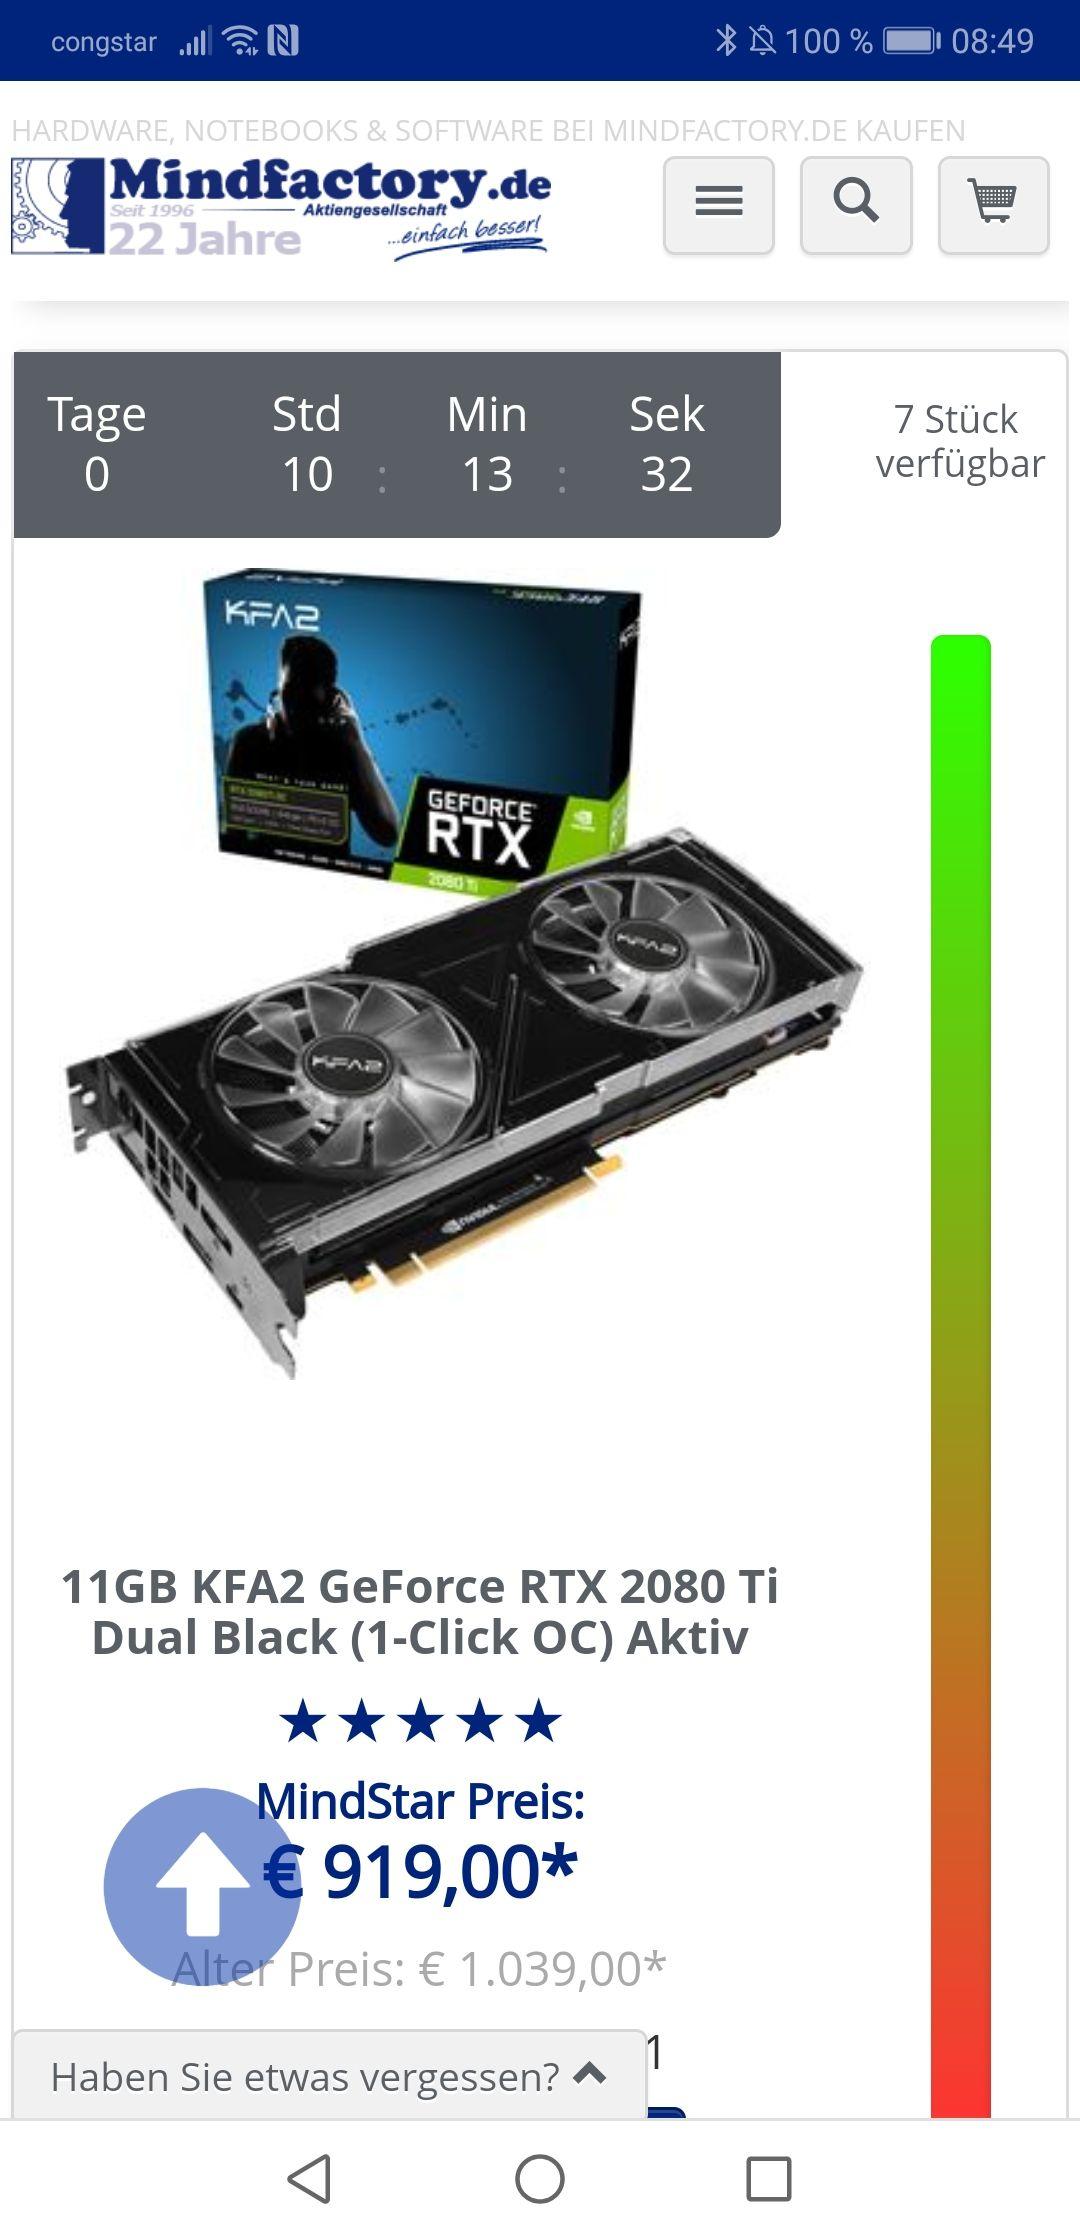 [Mindstar]  11GB KFA2 GeForce RTX 2080 Ti Dual Black (1-Click OC) Aktiv PCIe 3.0 x16 (Retail)